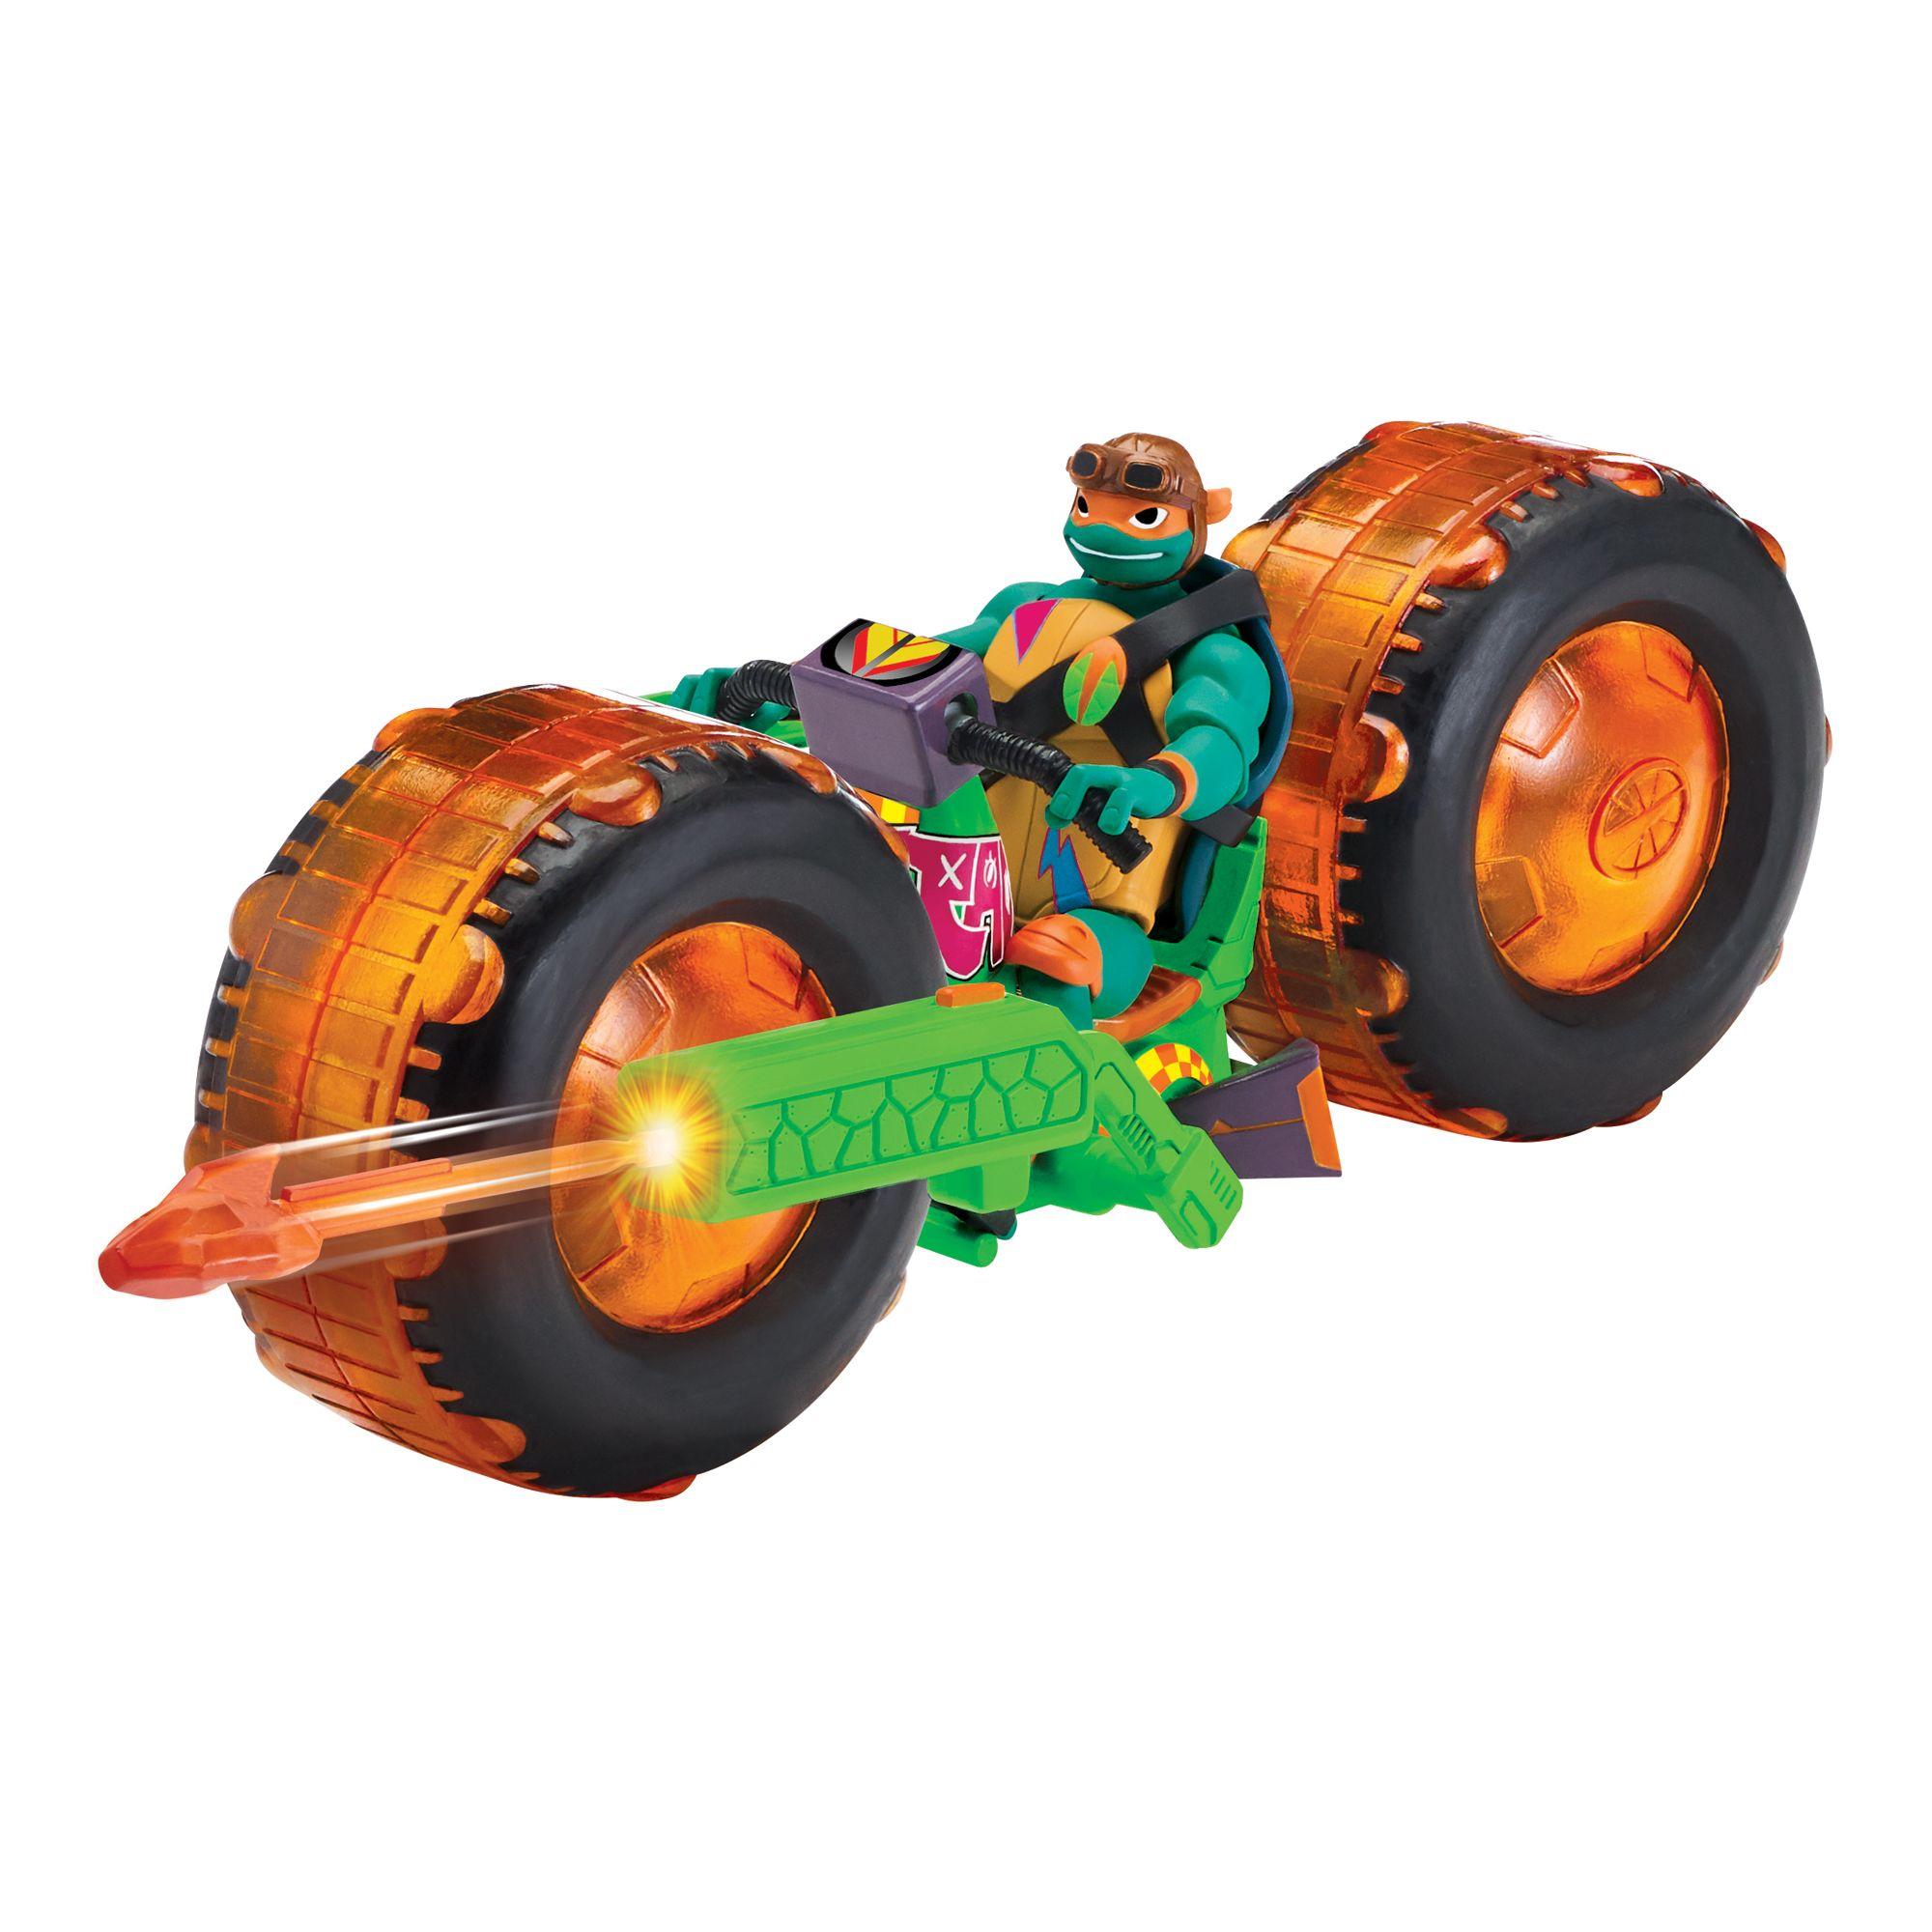 Toys Ninja Turtlw : Rise of the teenage mutant ninja turtles toys revealed